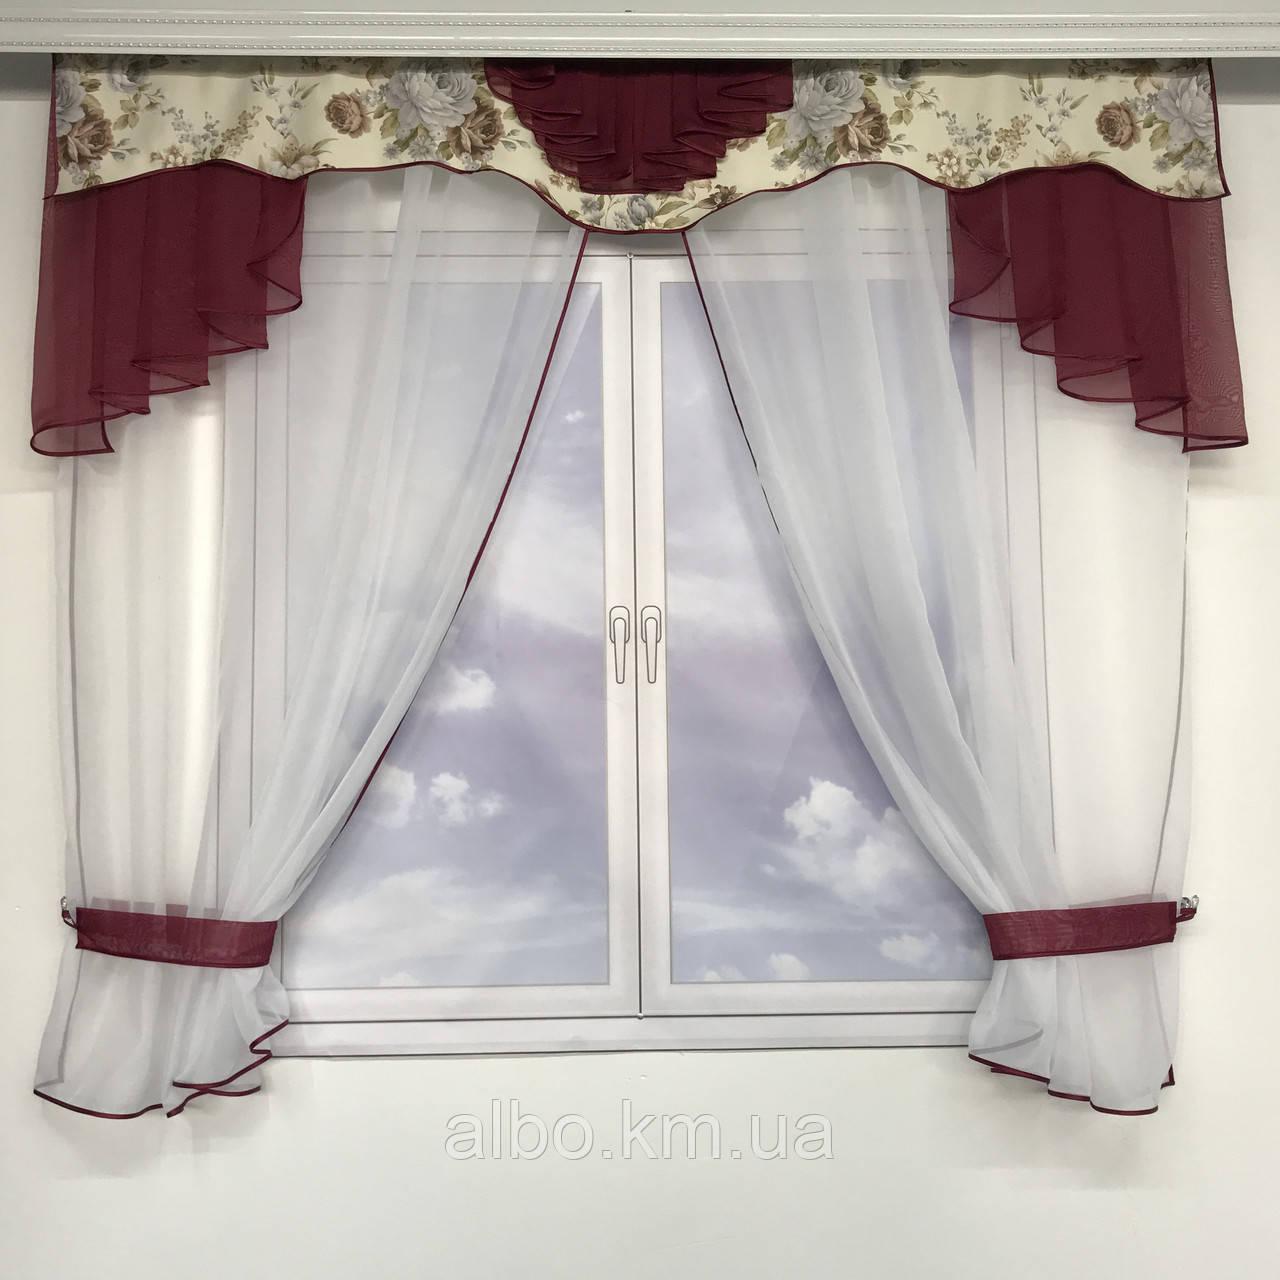 Короткий тюль з ламбрекеном для залу спальні вітальні, тюль з шифону атласу для будинку квартири кімнати, тюль до підвіконня в зал